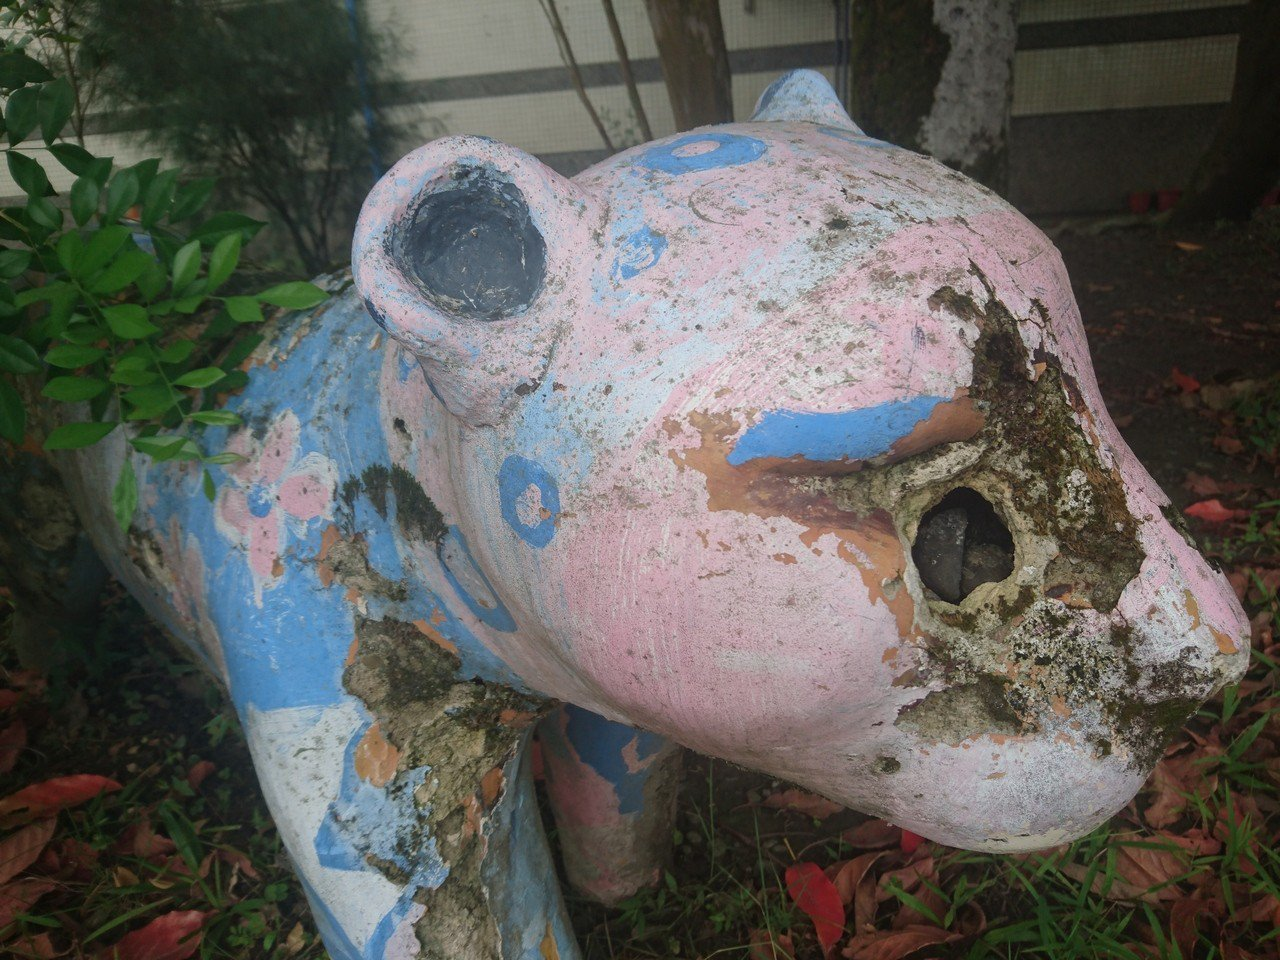 校園裡動物老舊破損,面臨維護、修補等問題。記者羅建旺/攝影